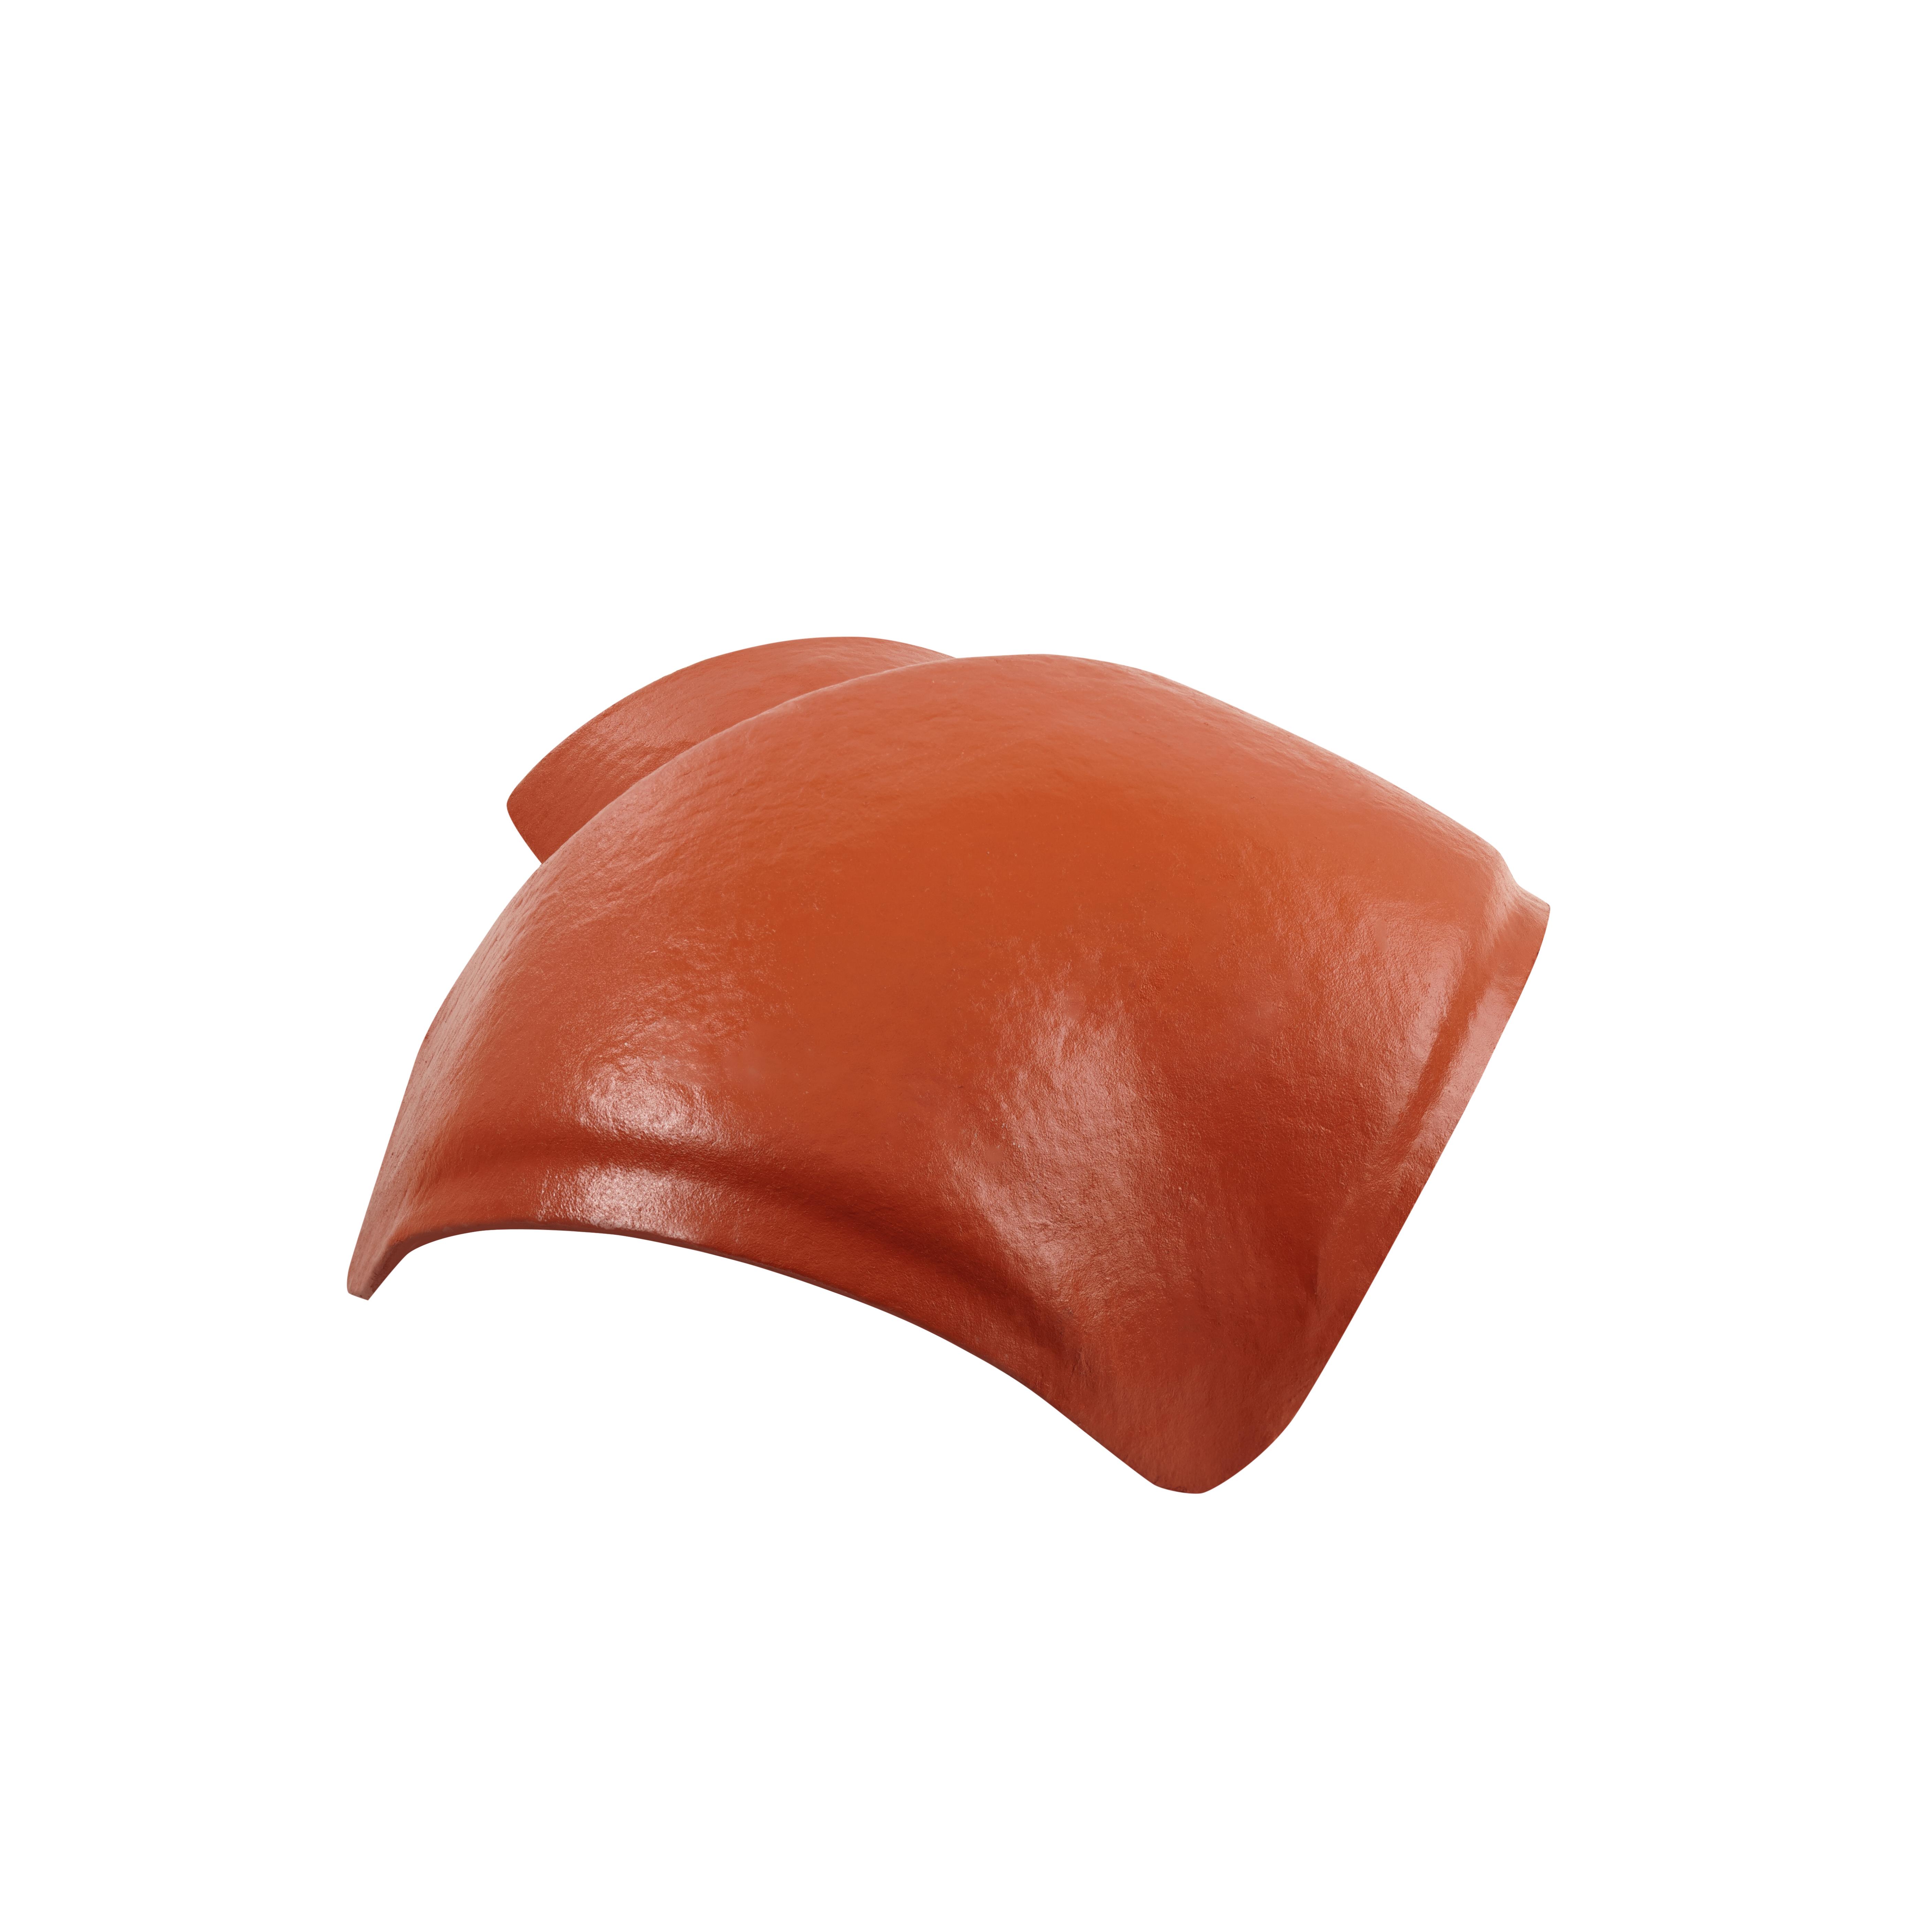 Walmkappe 3-achsig für profilierte Dachsteine klassikrot